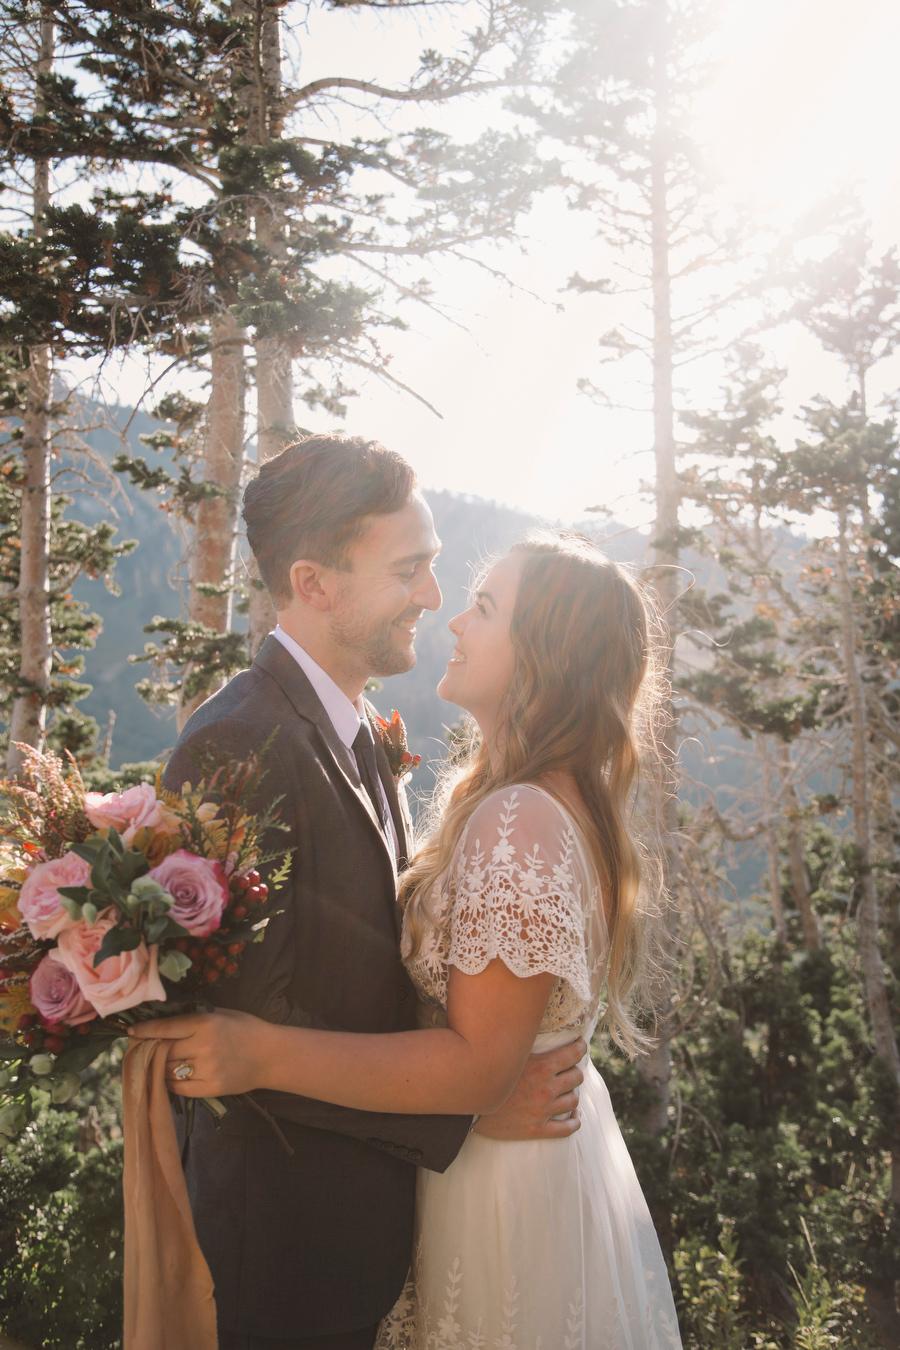 MARIACORONAPHOTOGRAPHY_wedding_utah0002.JPG